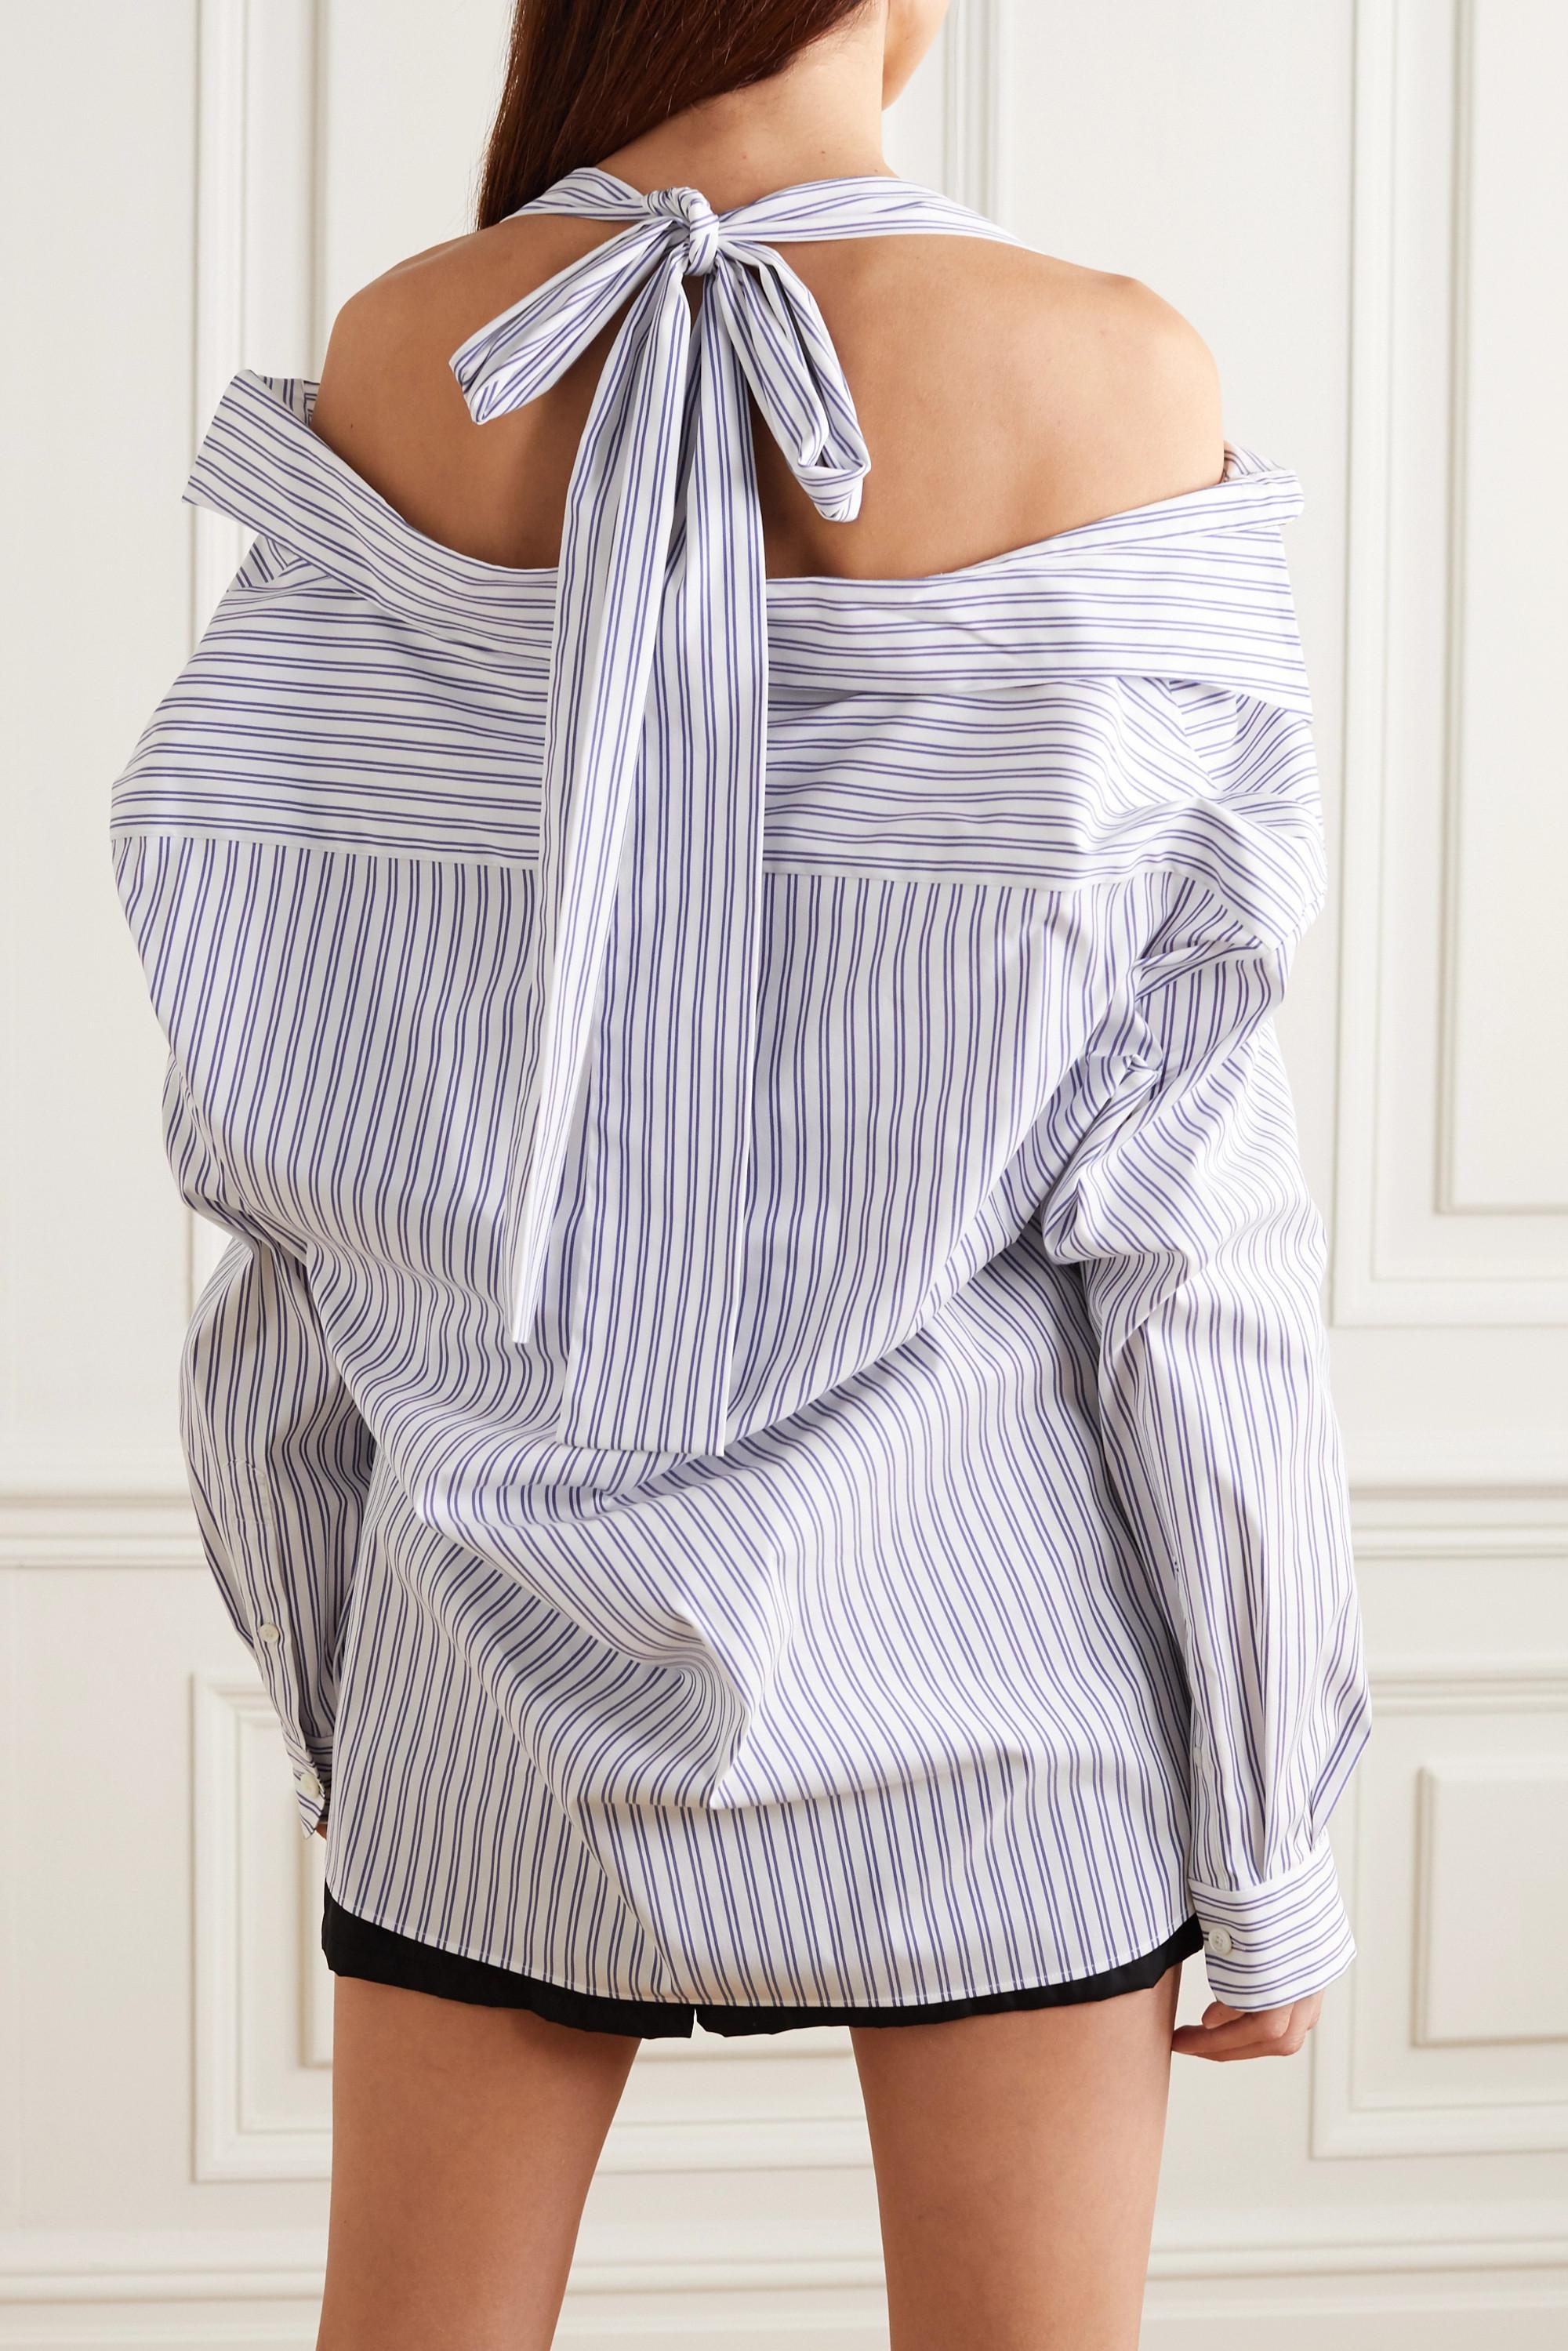 Prada Blouse épaules nues en popeline de coton mélangé à rayures